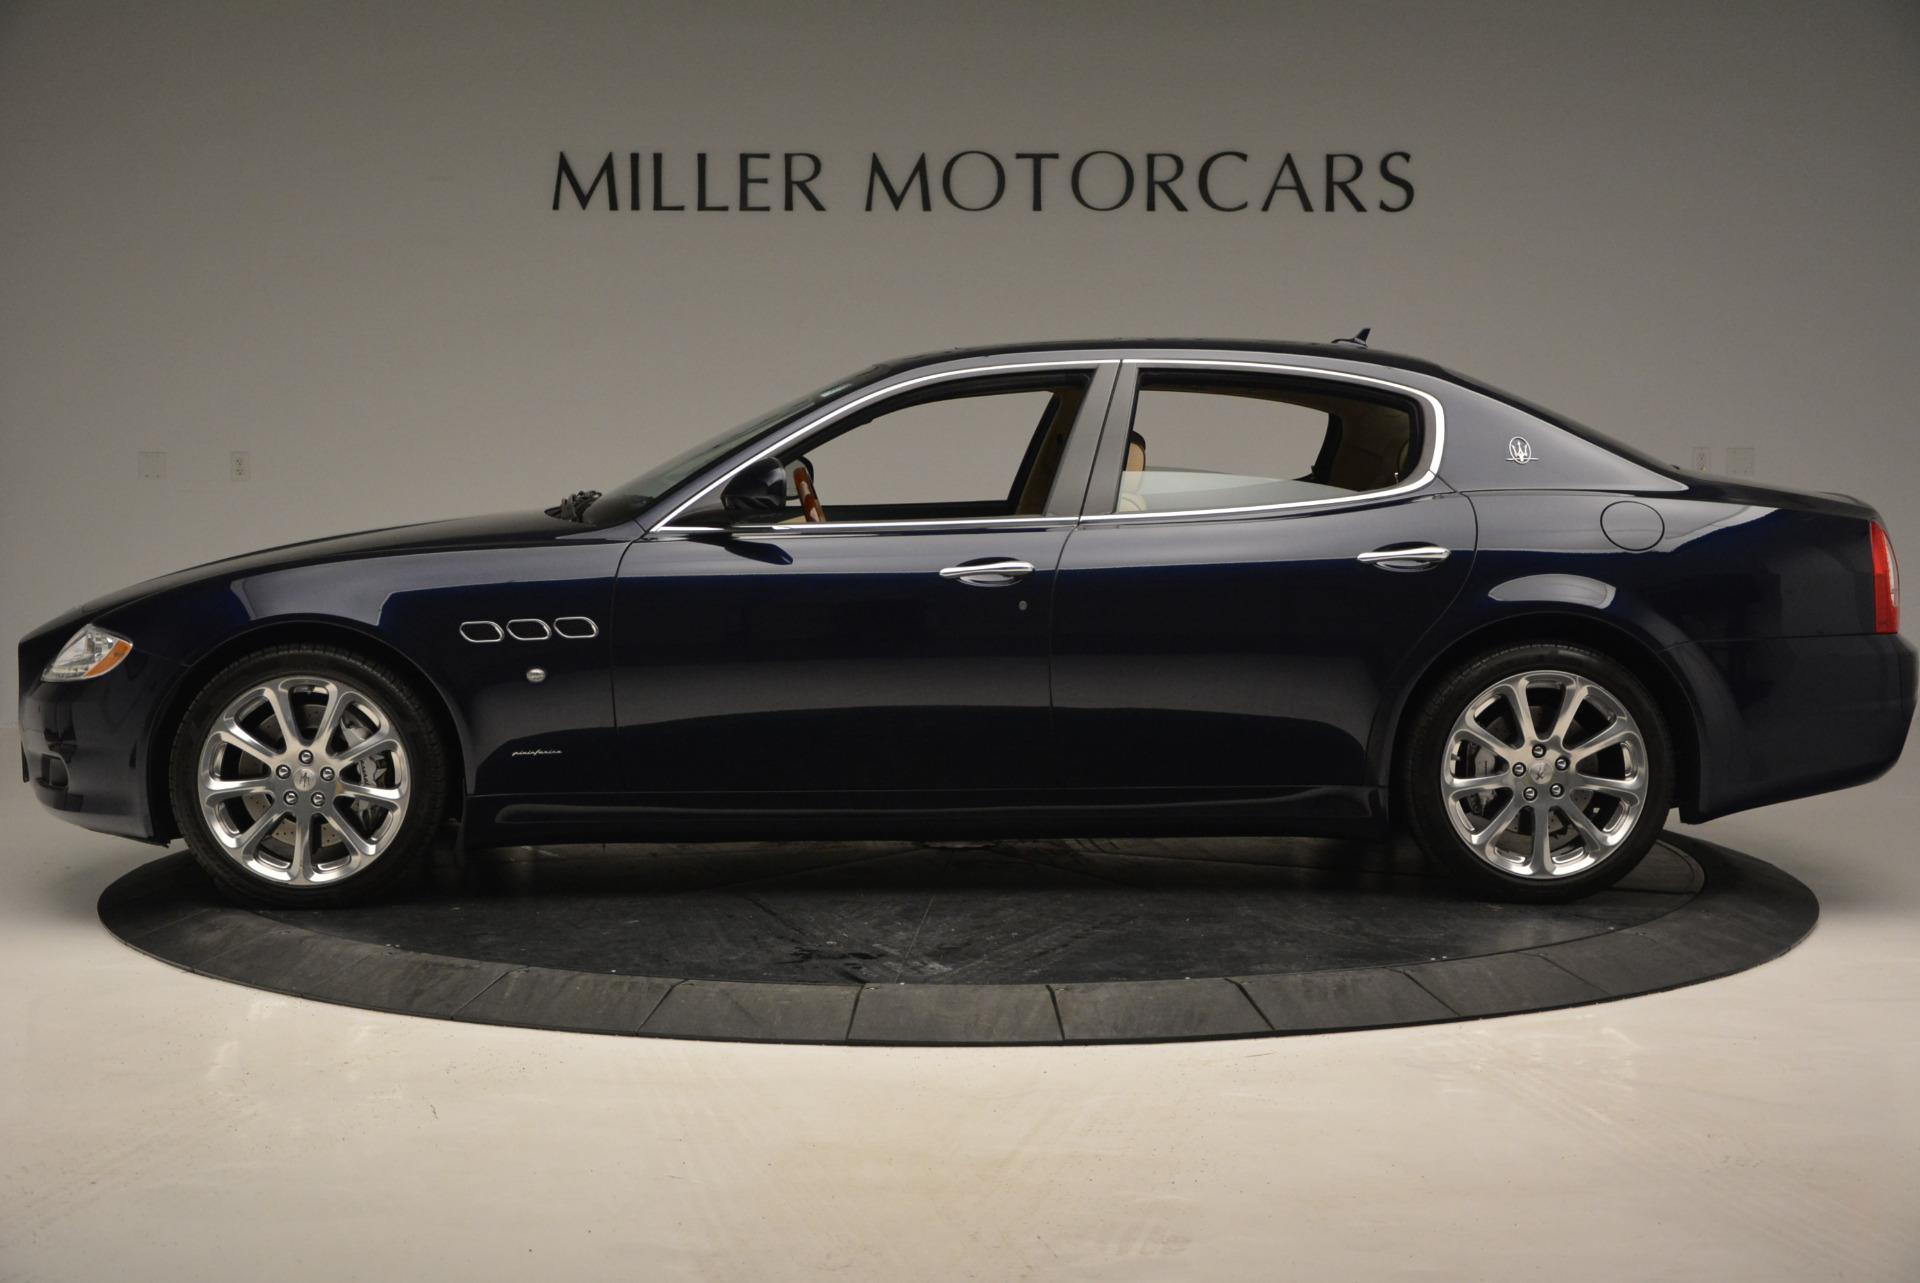 Used 2010 Maserati Quattroporte S For Sale In Greenwich, CT 795_p3